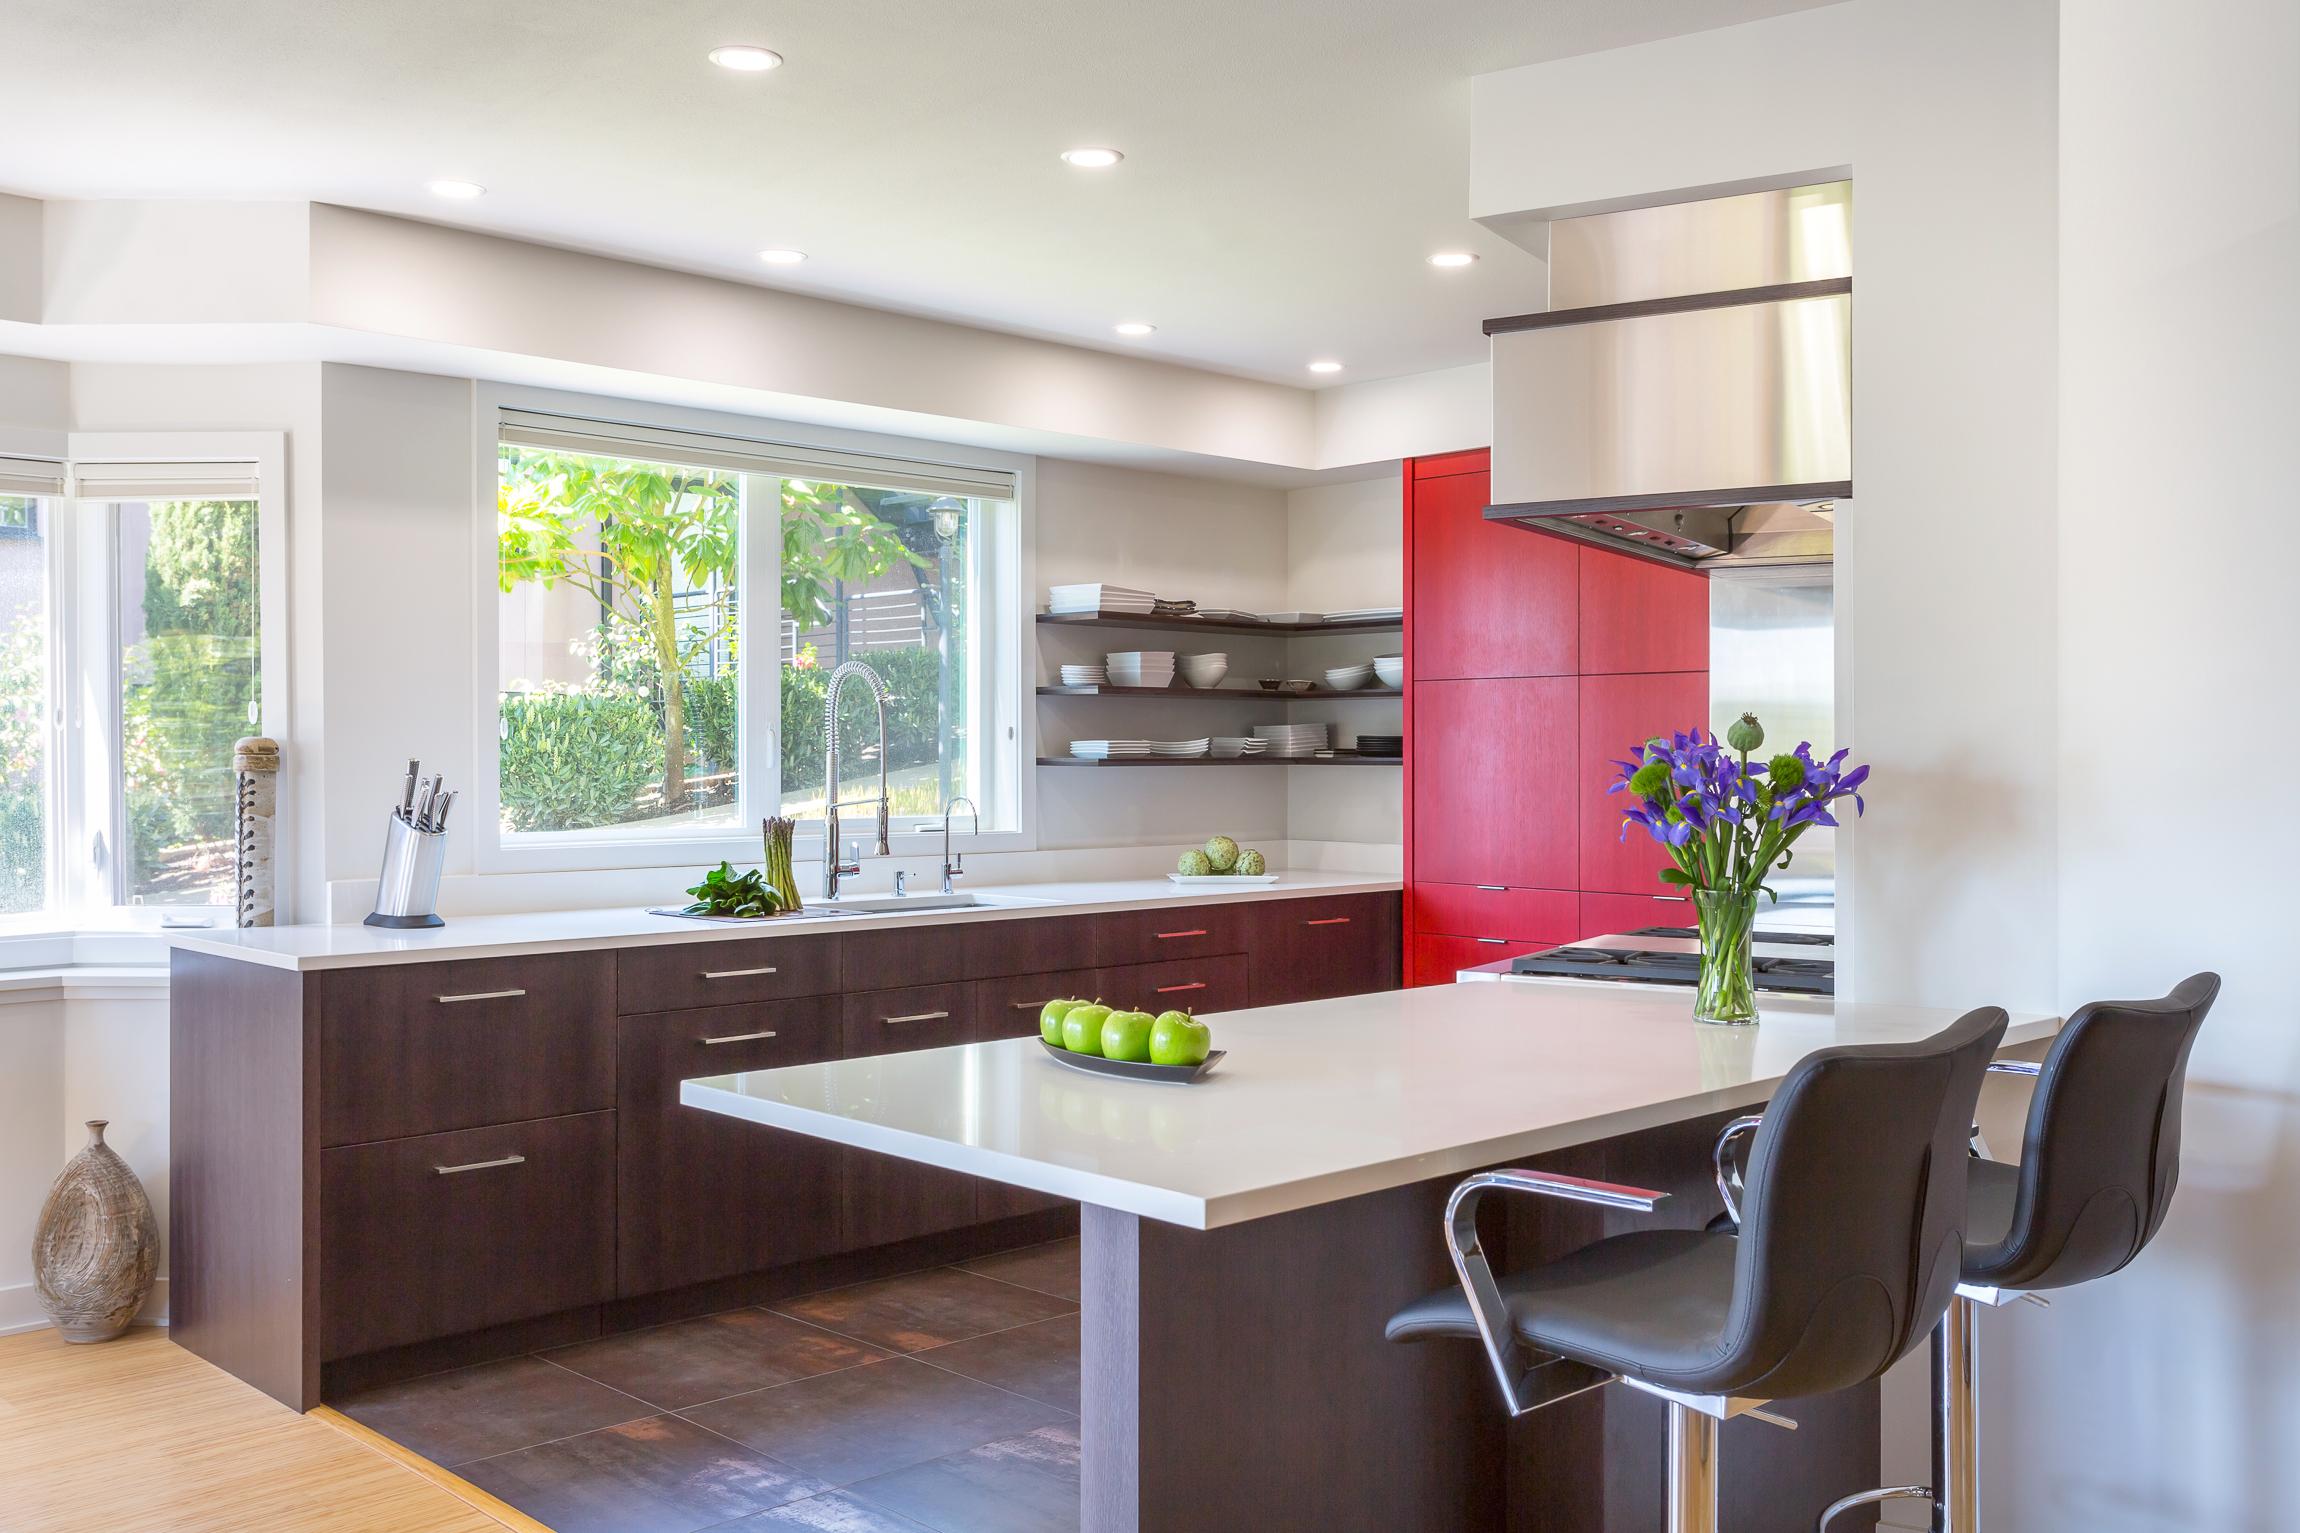 BRISTOL Kirkland Condo Kitchen 2.jpg